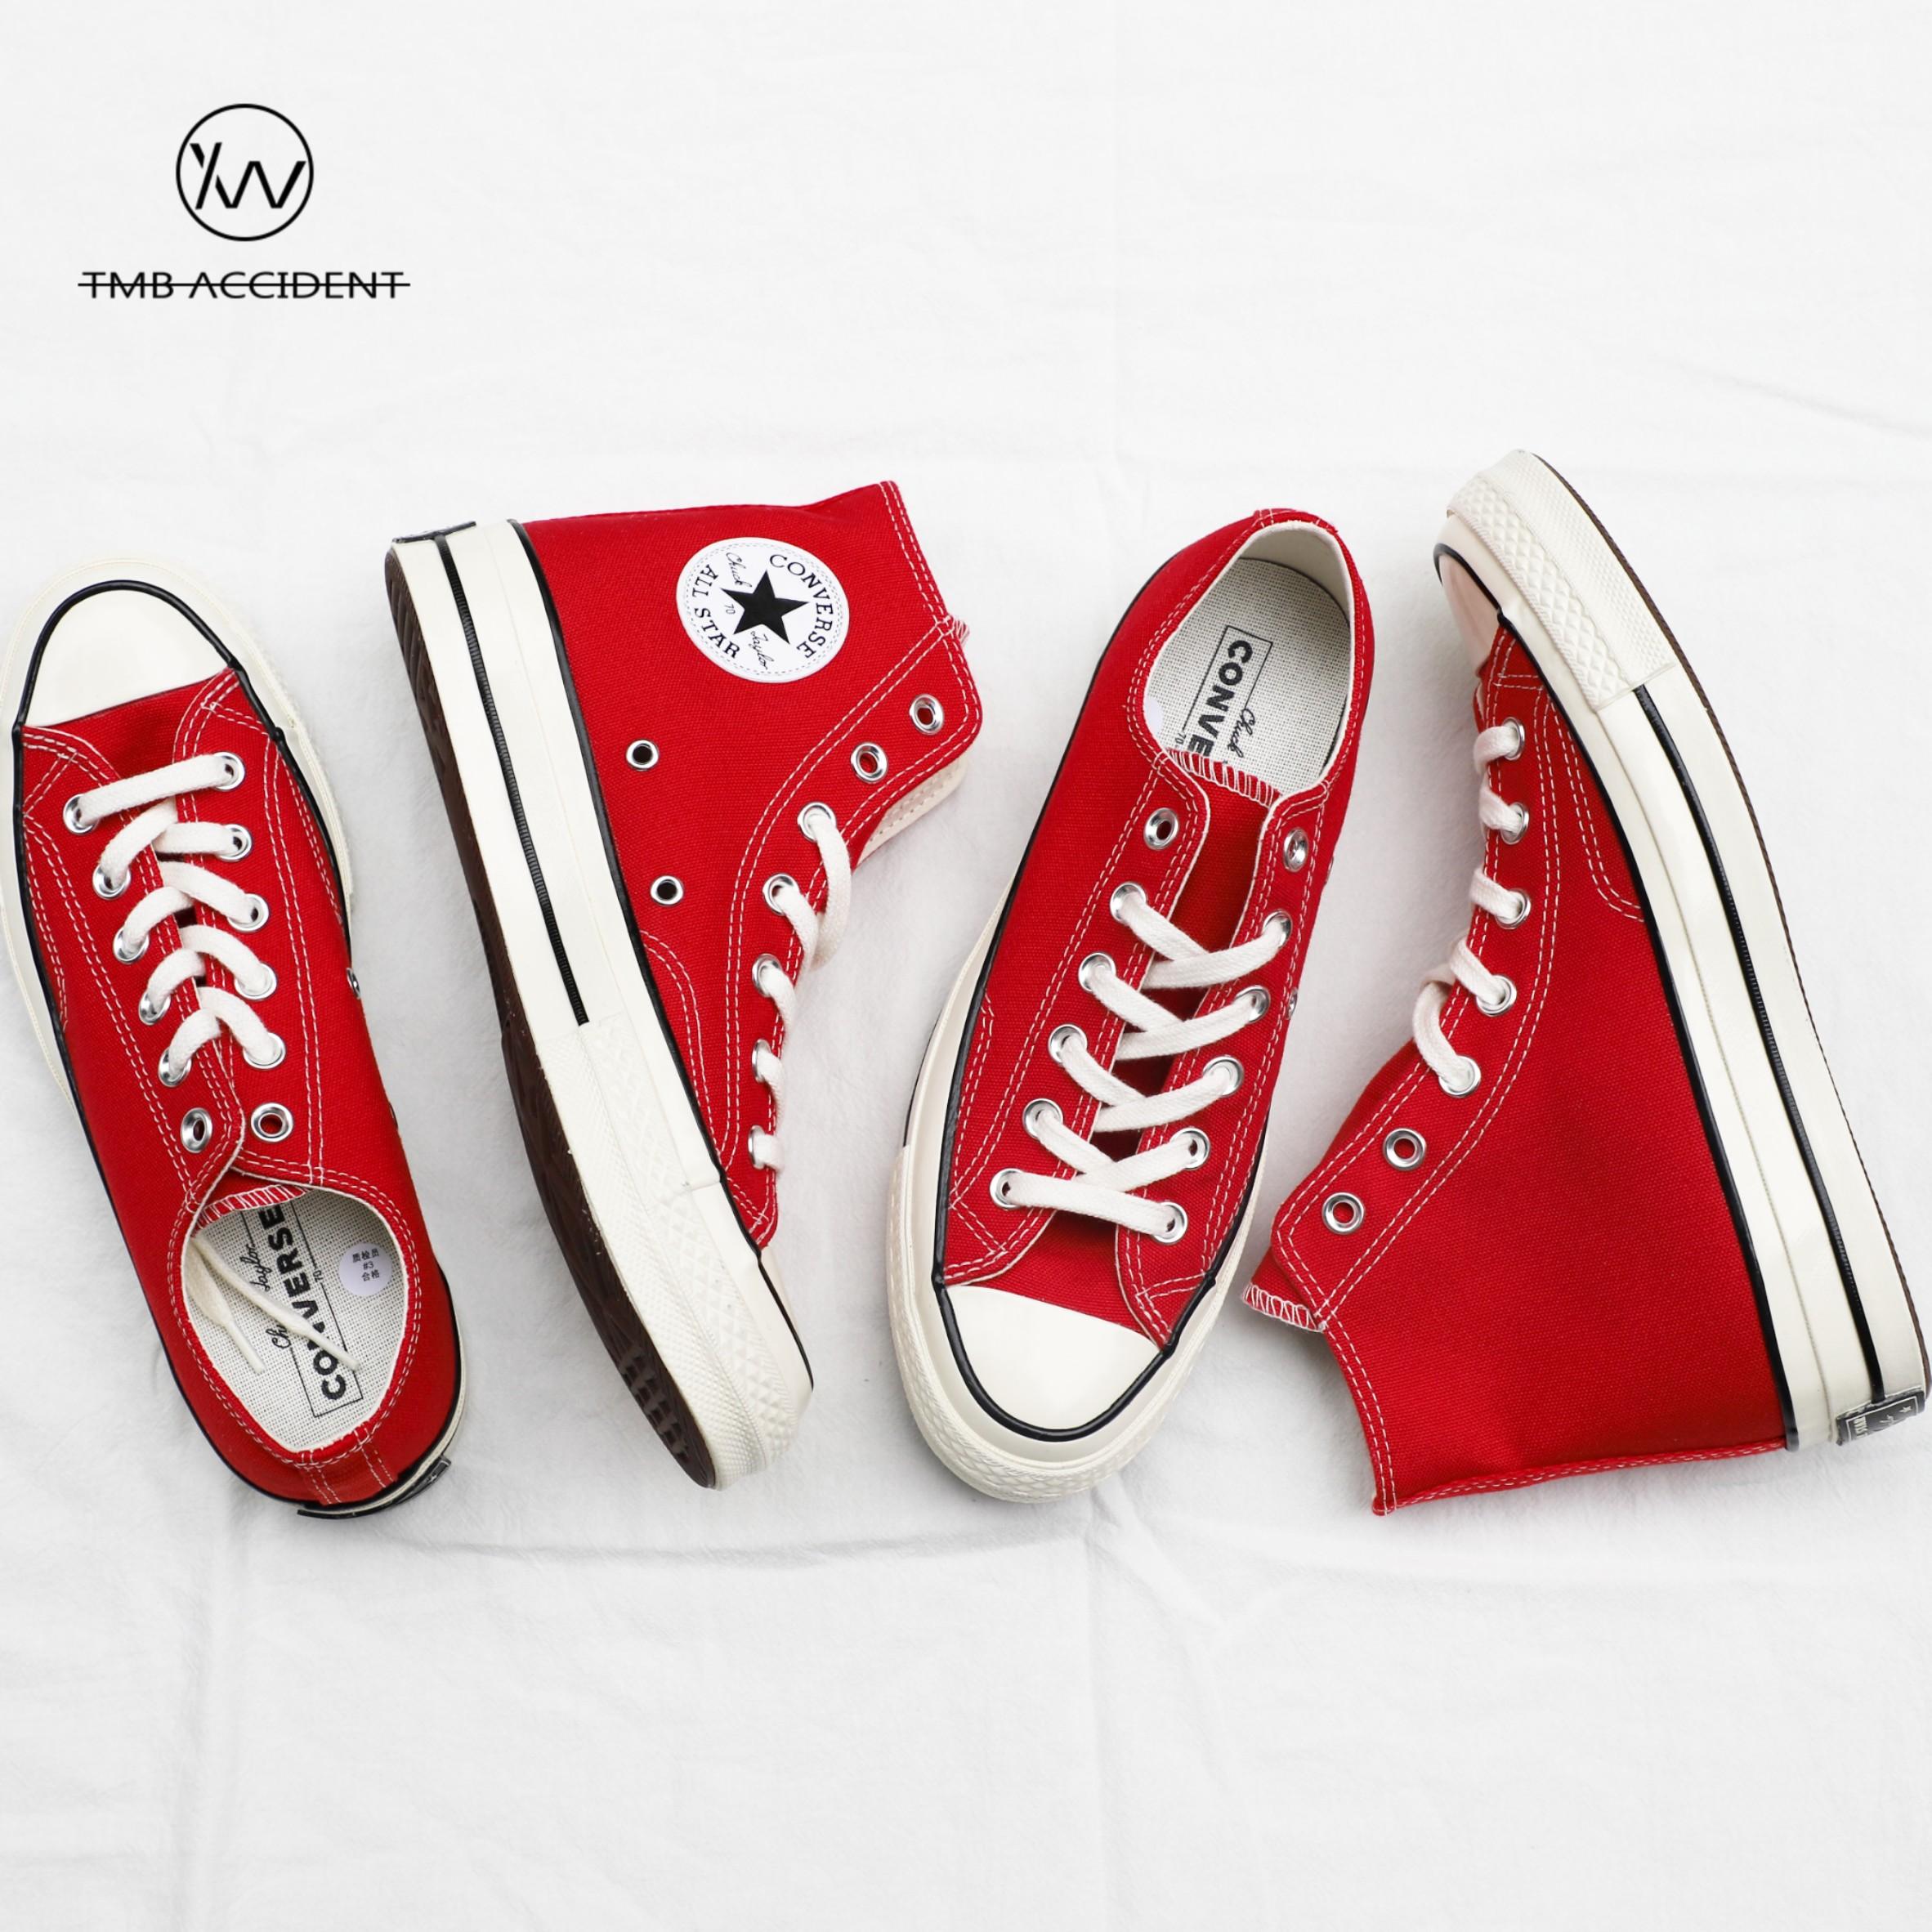 Converse匡威1970s圣诞红色高帮低帮帆布男鞋女鞋164944C 164949C